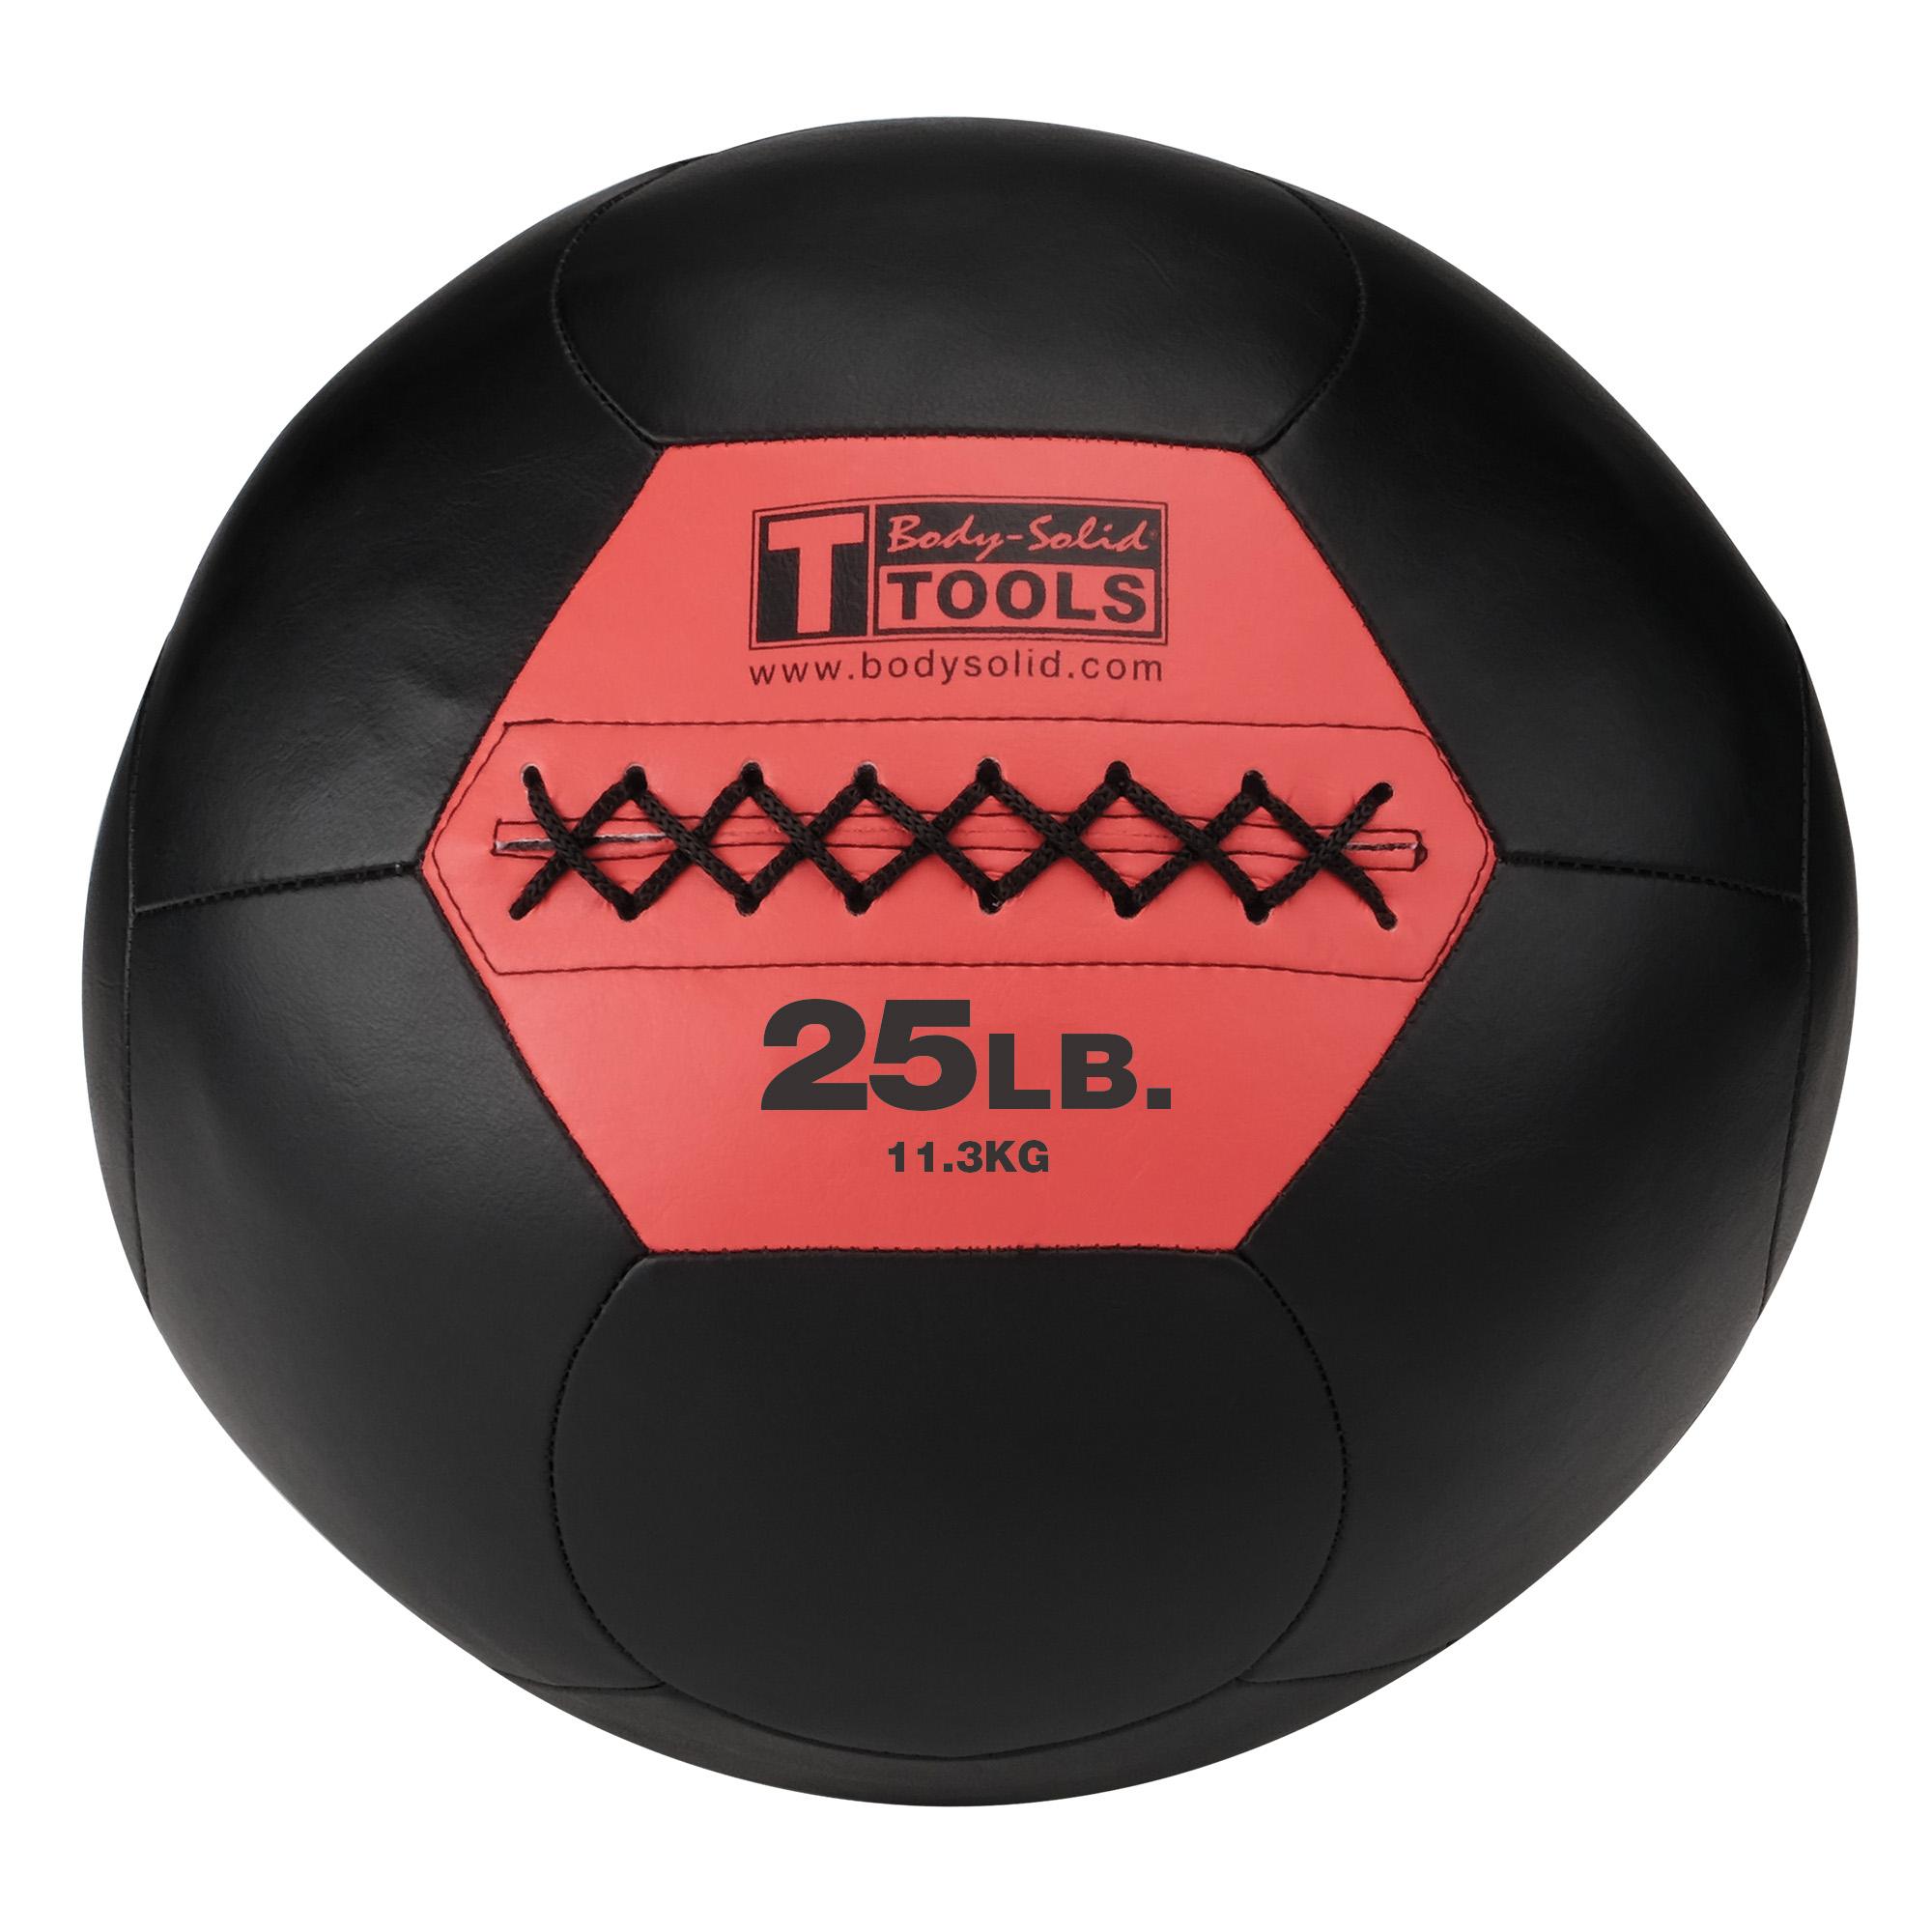 BSTSMB25 25 lb Soft Medicine Ball